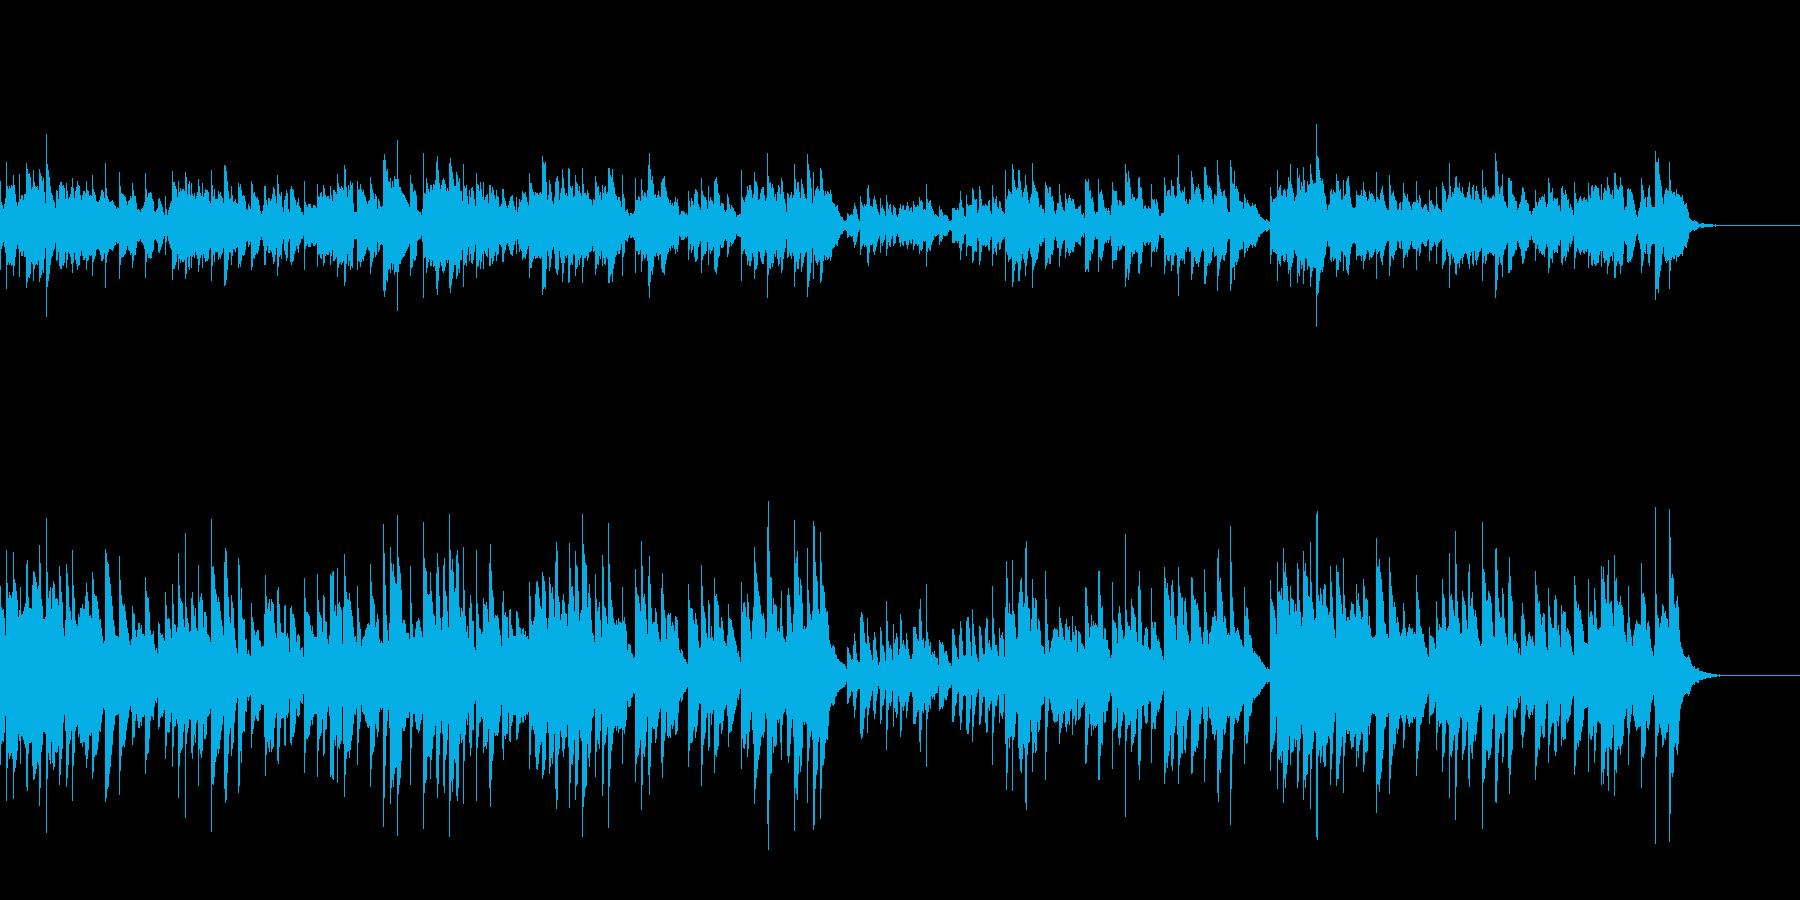 可愛らしいオルゴール曲/赤ちゃん子守唄の再生済みの波形